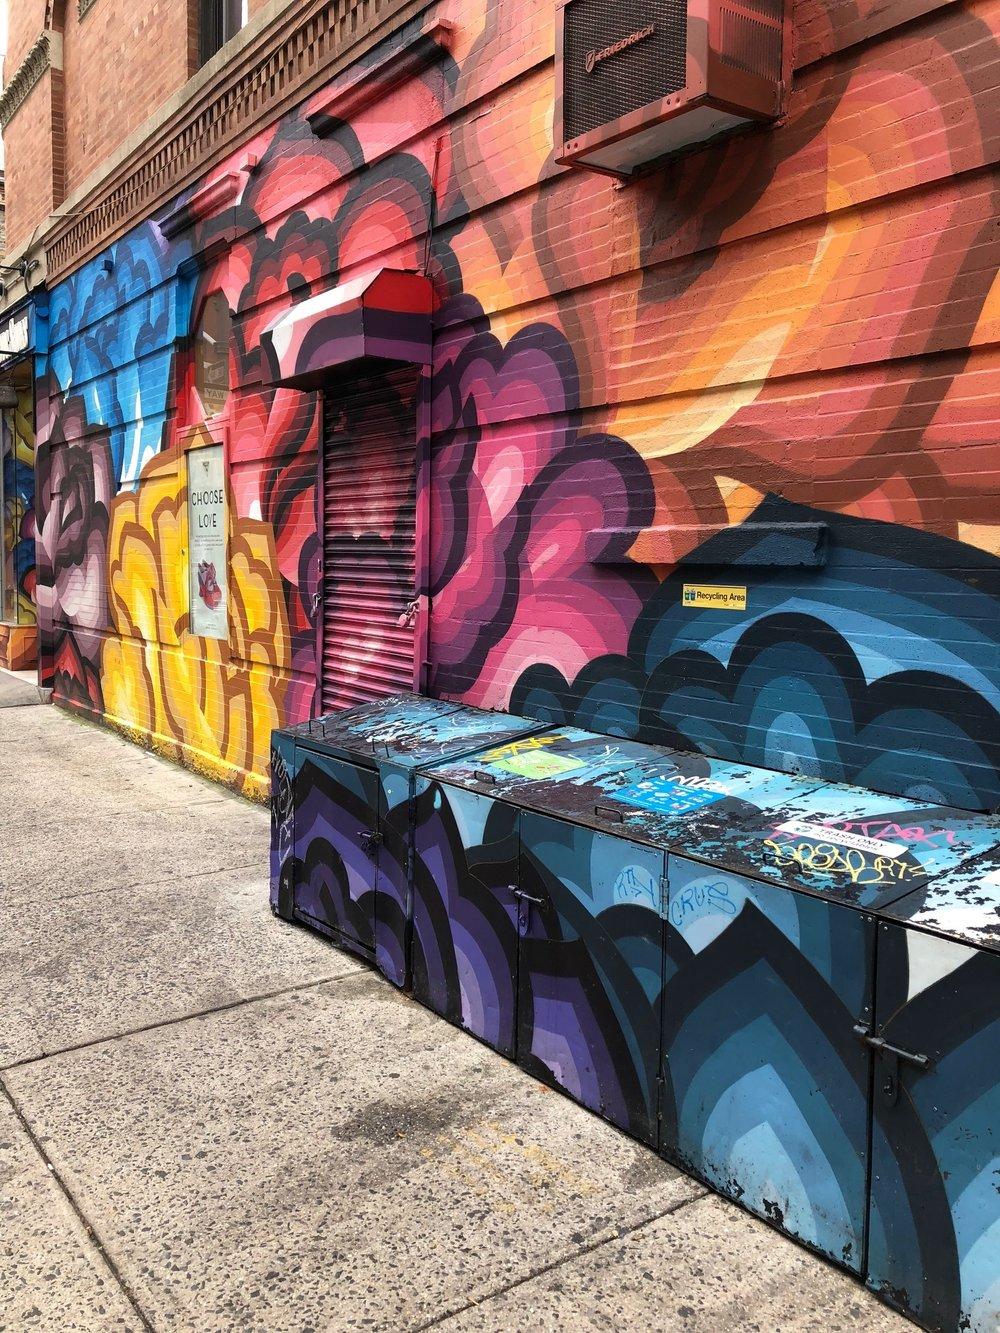 A colorful mural outside John Fluevog Shoes.